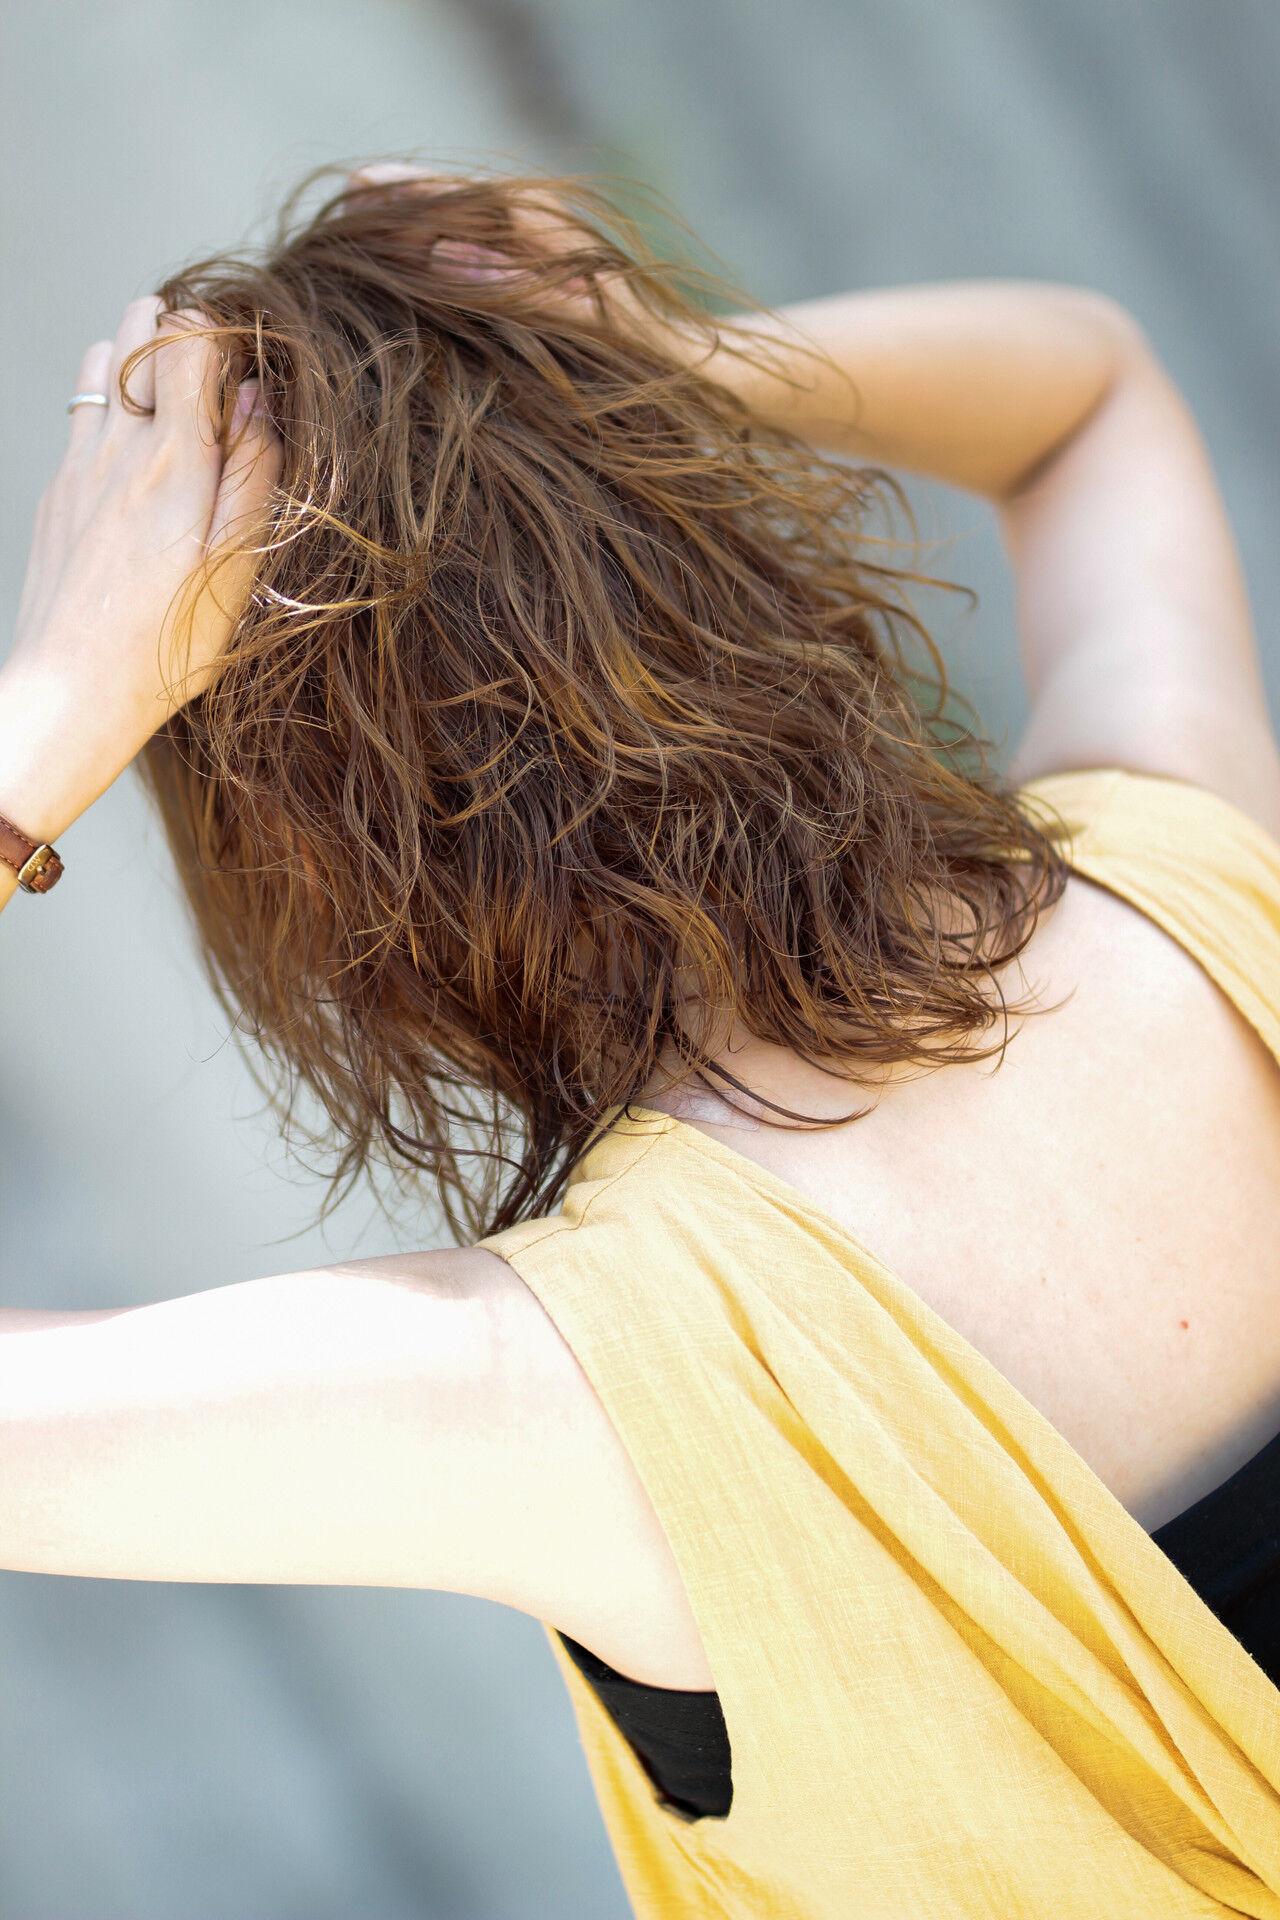 ゆるふわセット 毛先パーマ 無造作パーマ デジタルパーマヘアスタイルや髪型の写真・画像